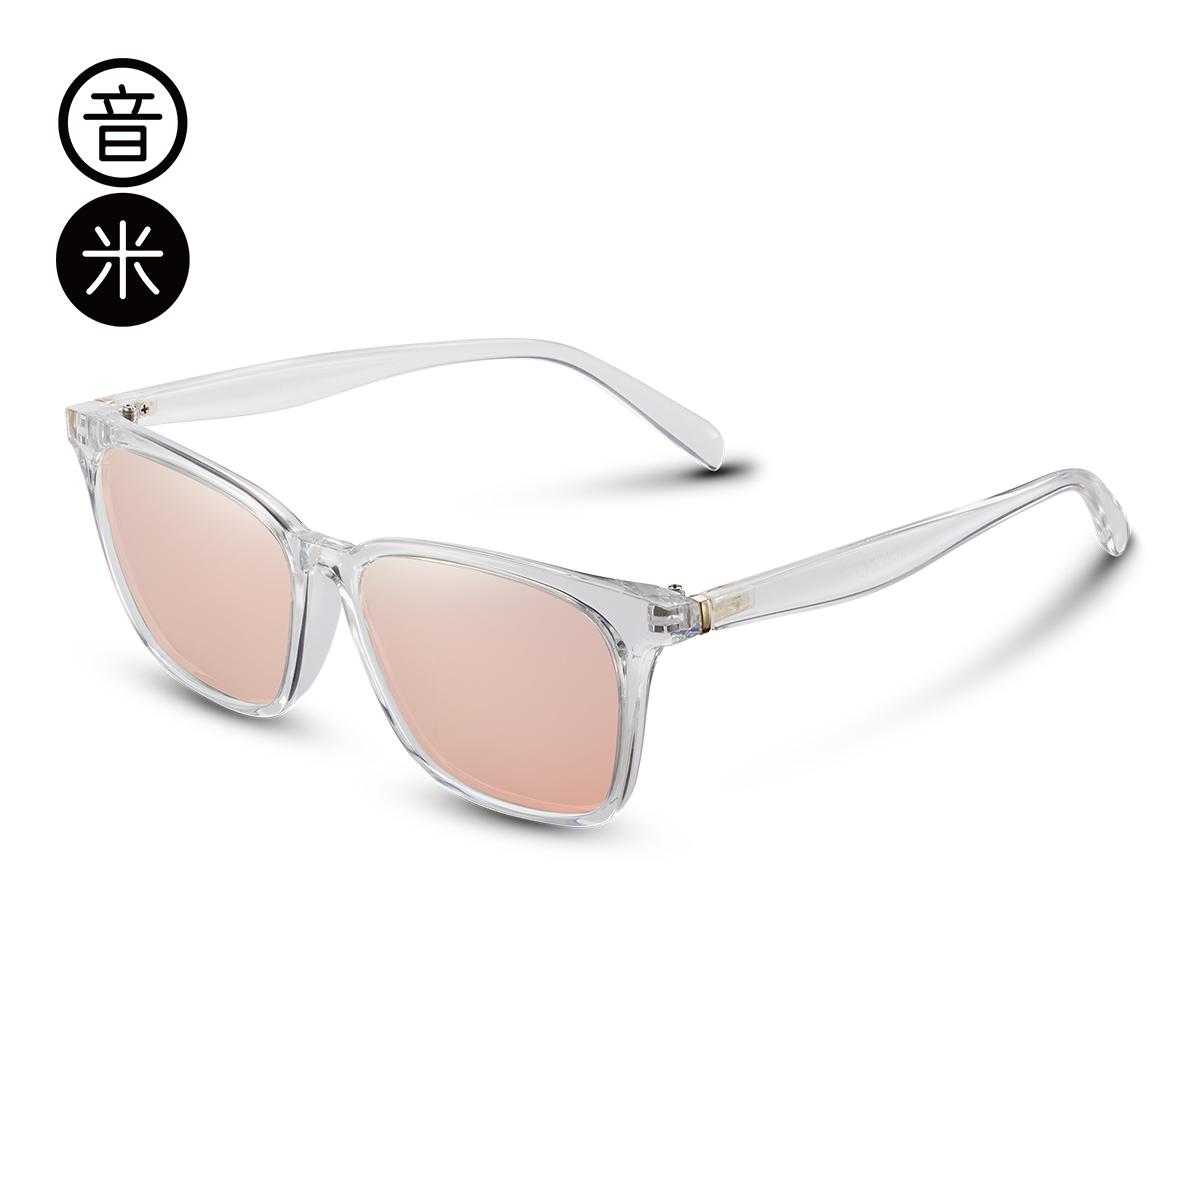 音米墨镜女方形偏光眼镜大框近视太阳镜男潮人近视墨镜 男士